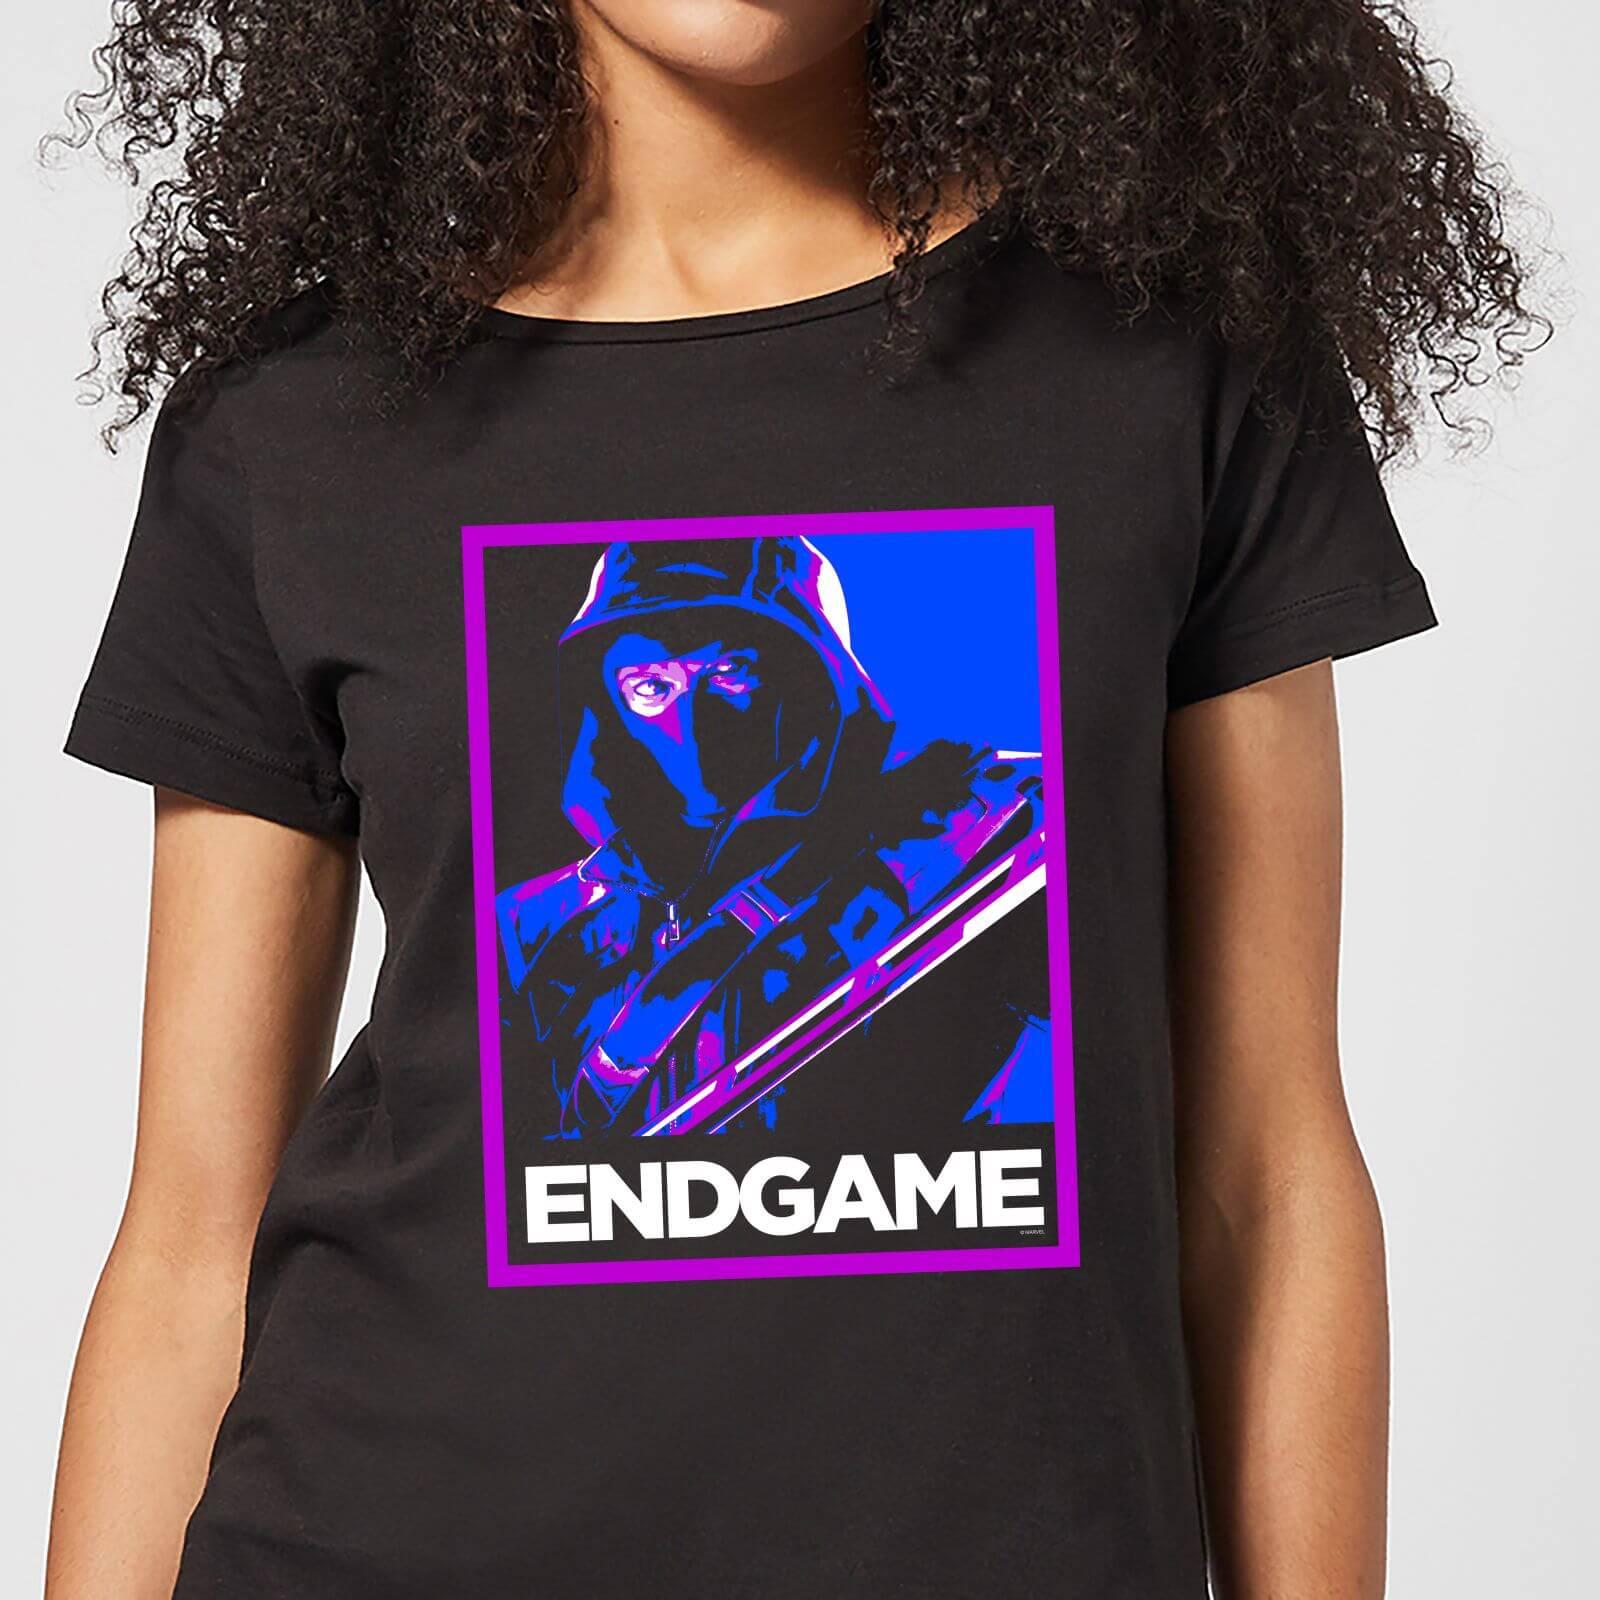 Marvel Avengers Endgame Ronin Poster Women's T-Shirt - Black - S - Black